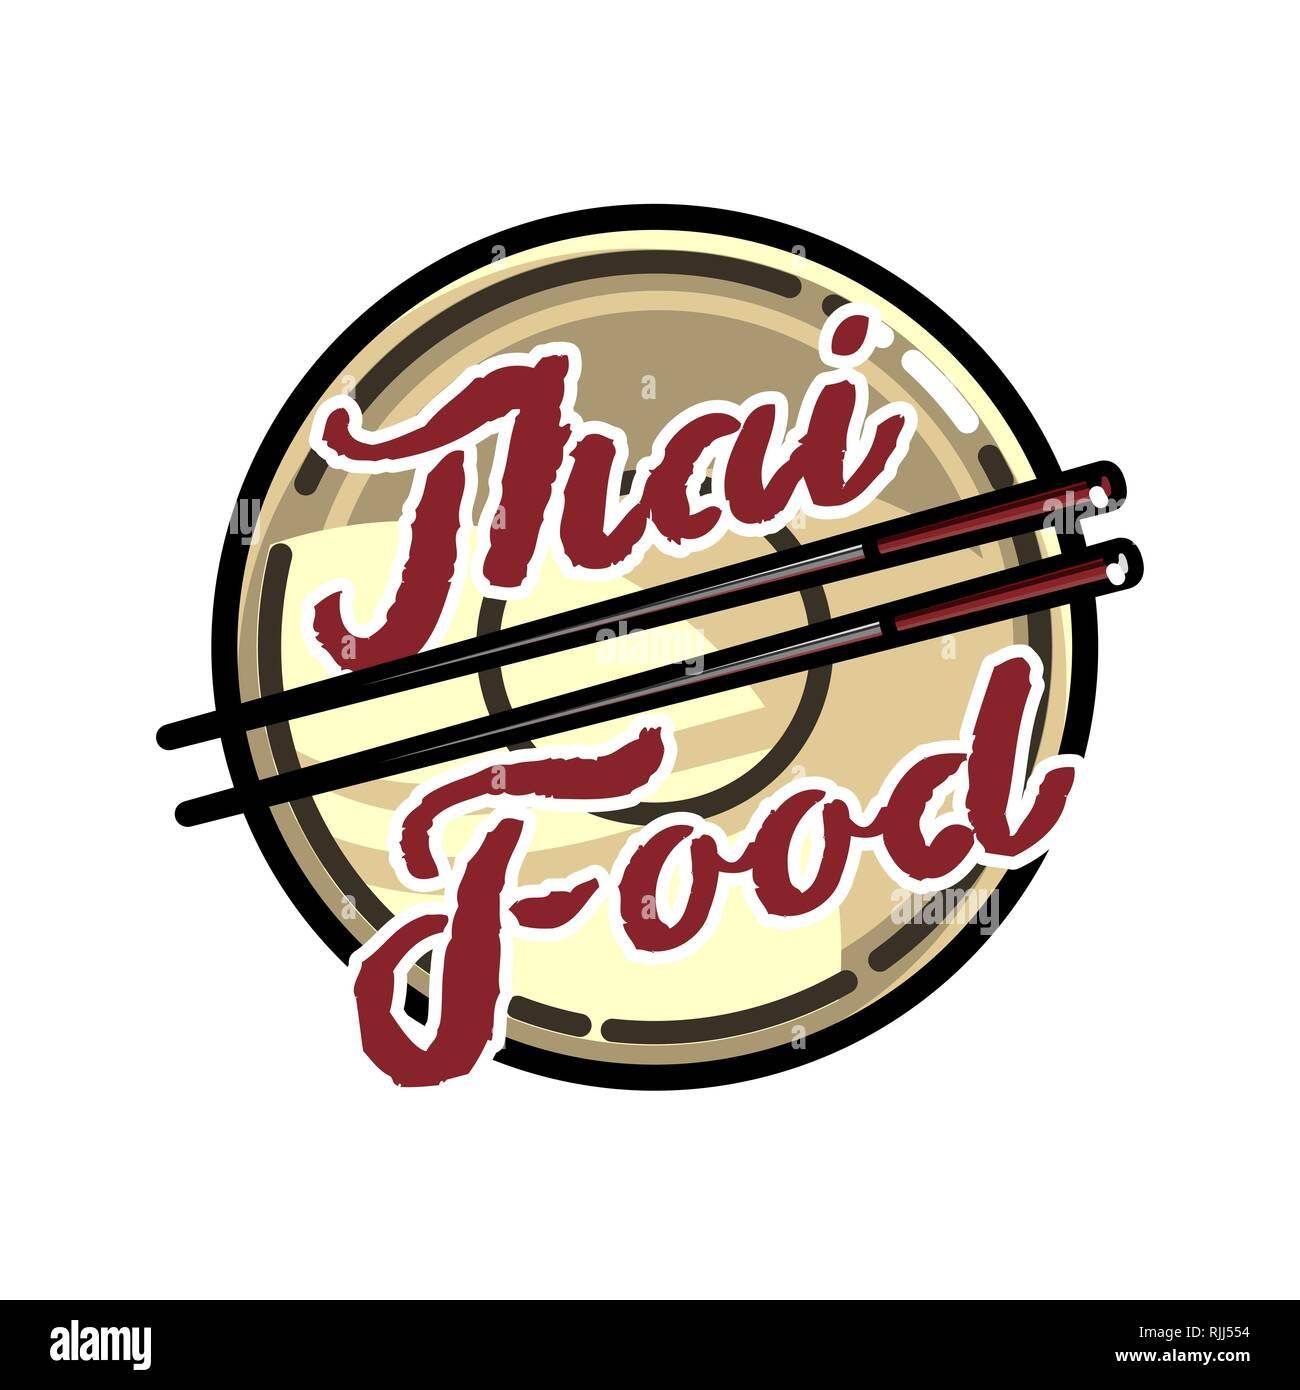 Color Vintage Thai Food Emblem Logo Badges Banners Emblem For Asian Food Restaurant Vector Illustration Stock Vector Image Art Alamy